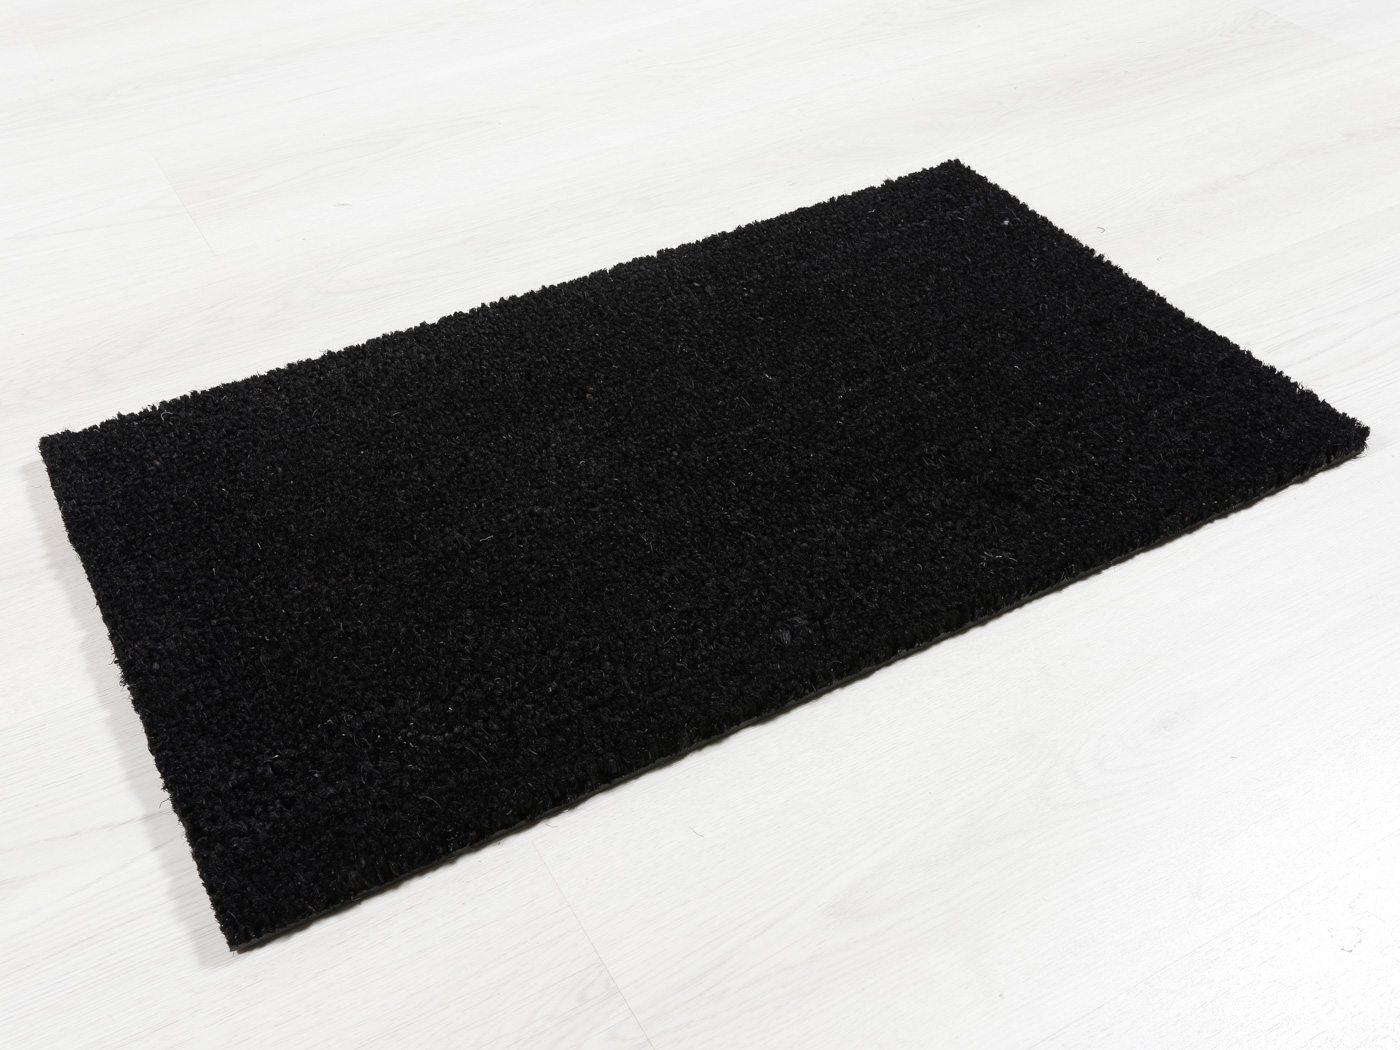 Felpudo de Coco - 17 mm - Color Negro - 40x70 cm.